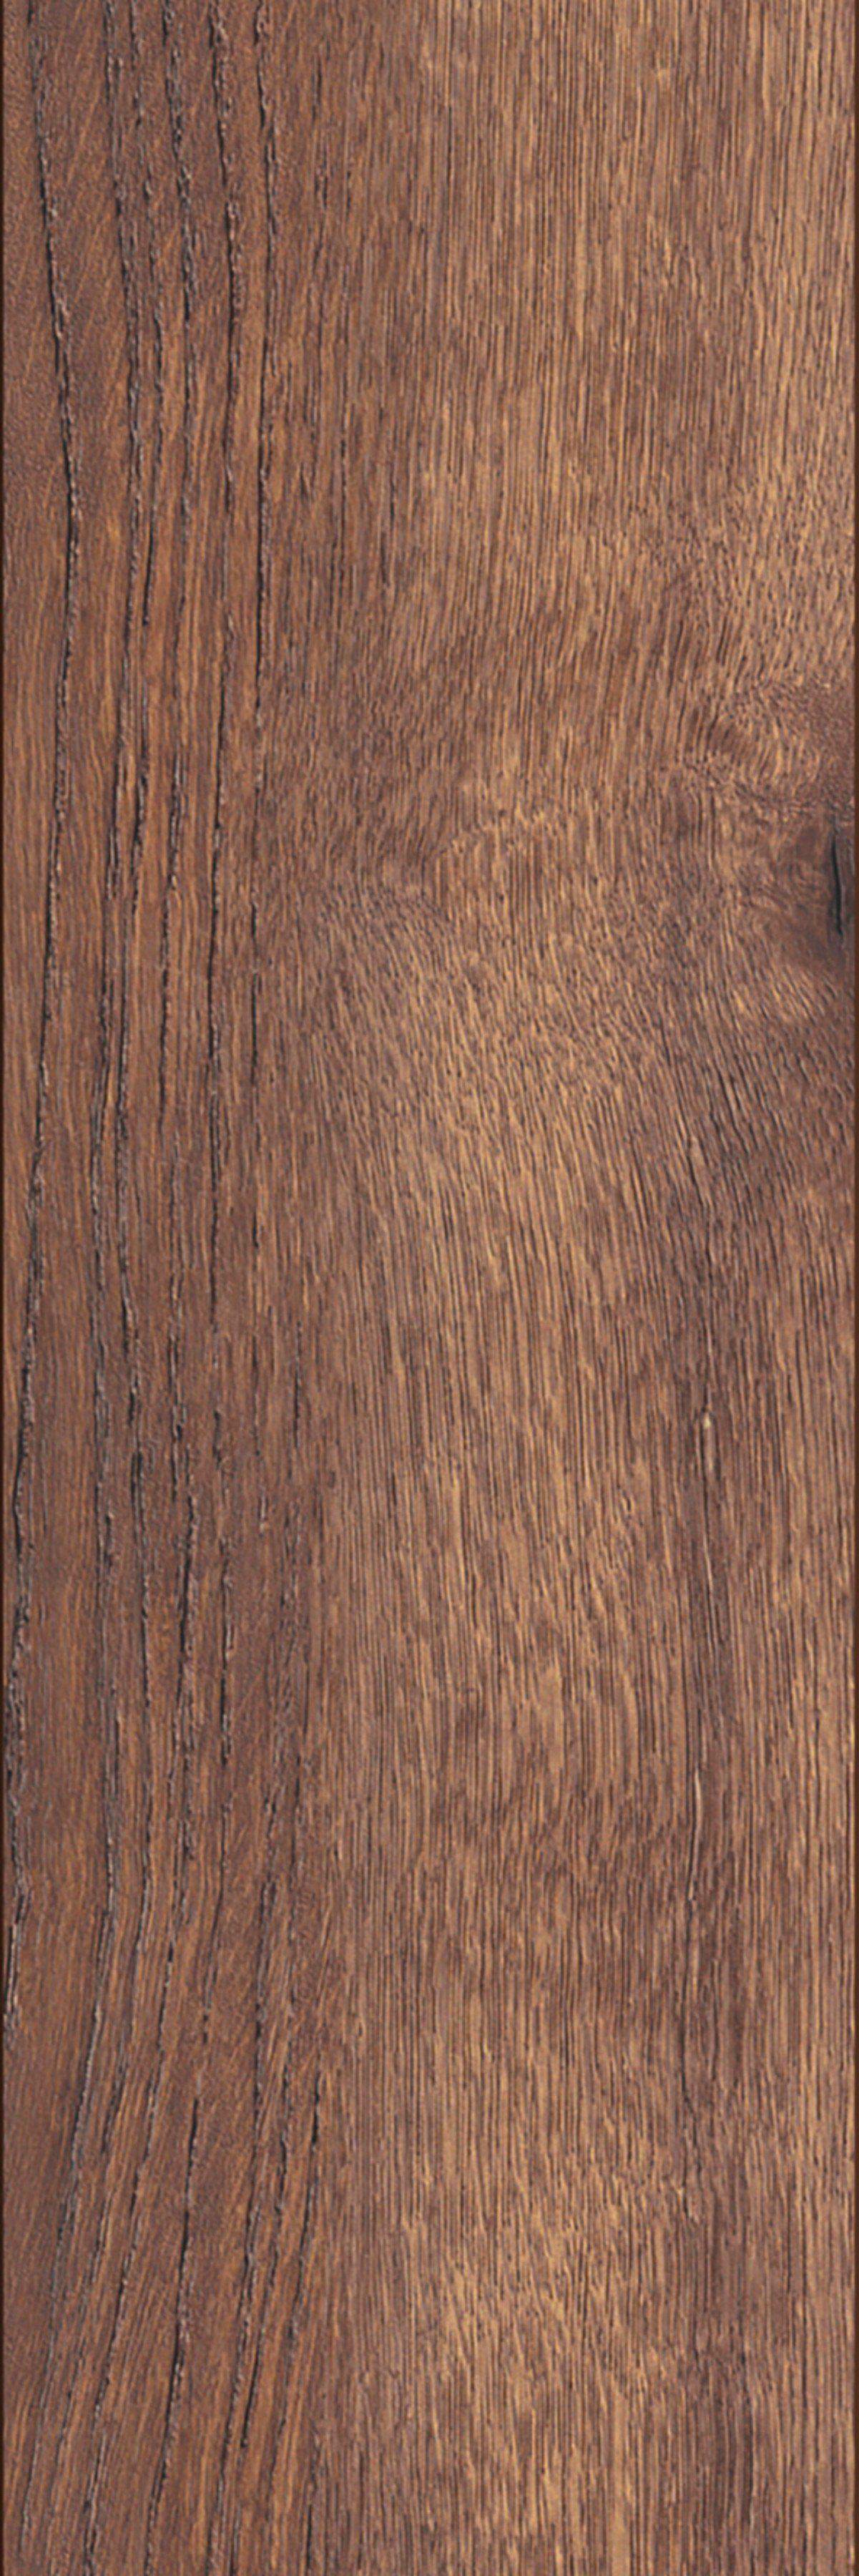 MODERNA Laminat »Vision 190 - Britische Eiche«, 1380 x 190 mm, Stärke 8 mm